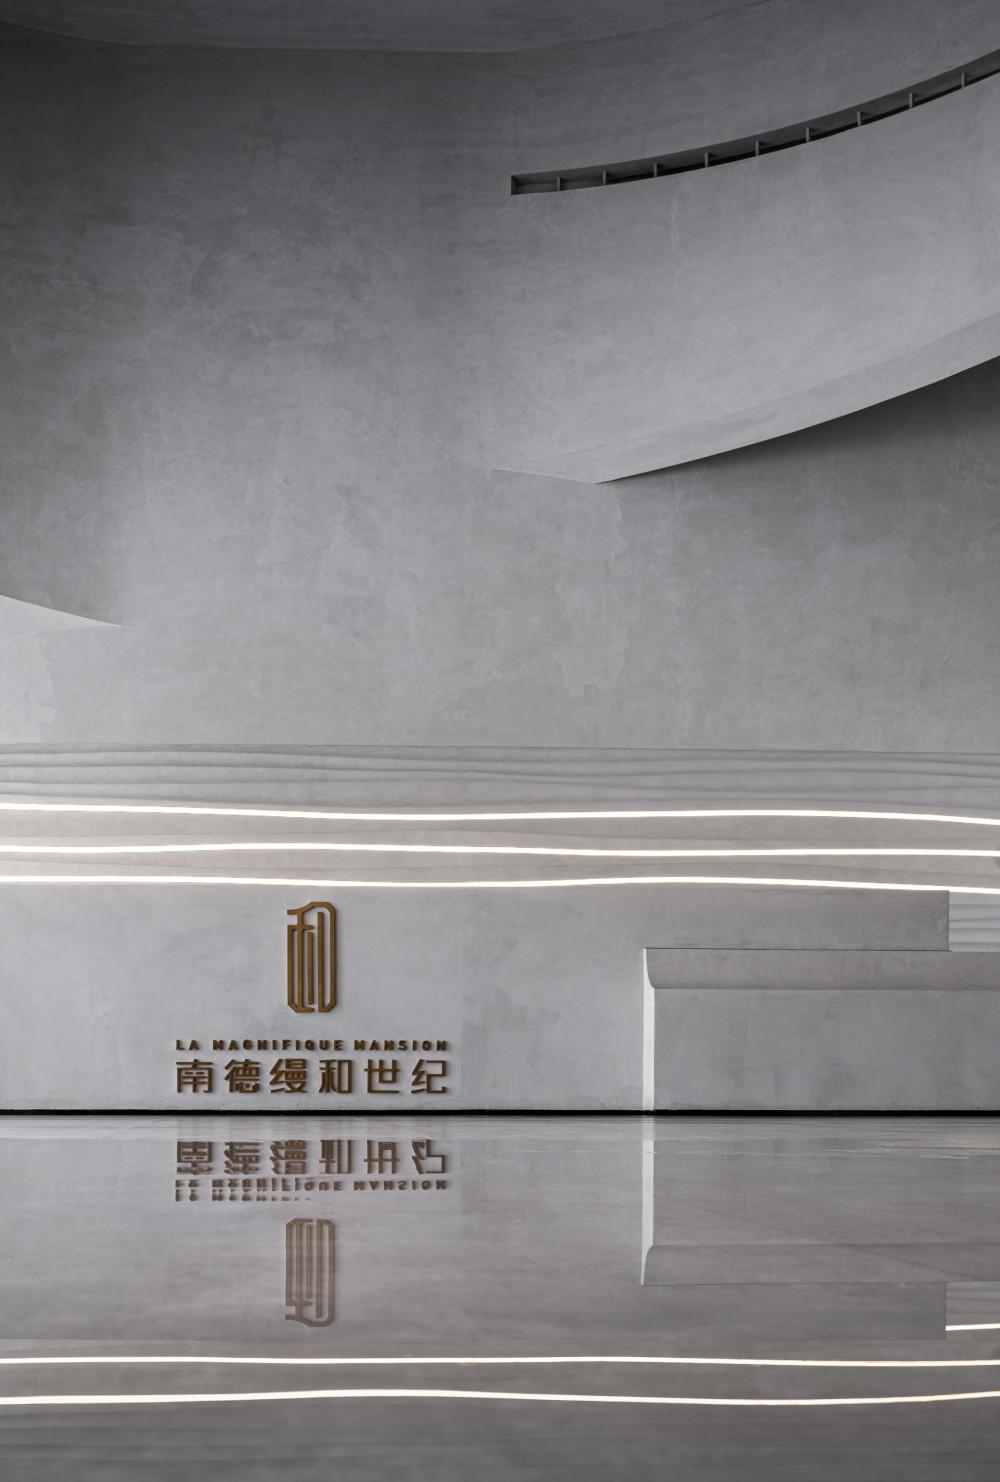 20210422-鲲誉-武汉南德缦和世纪售楼处-丛林-成图41.jpg